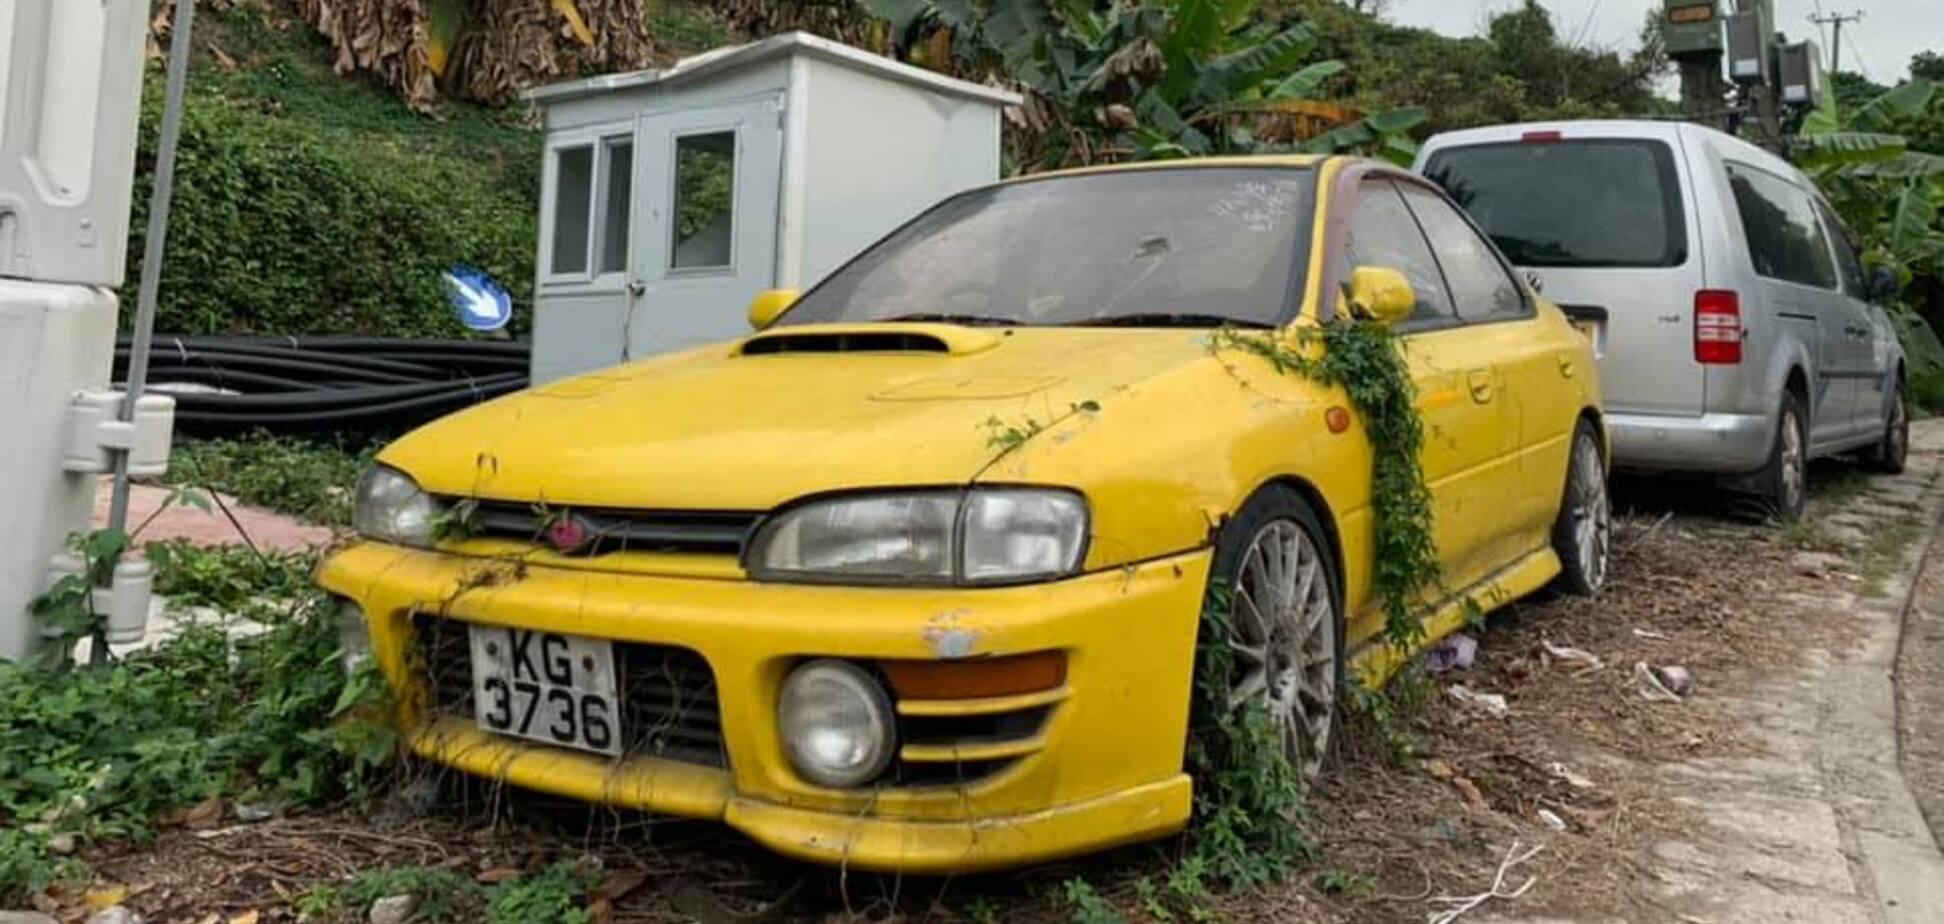 Покинуту Subaru Impreza WRX знайшли прямо біля дороги